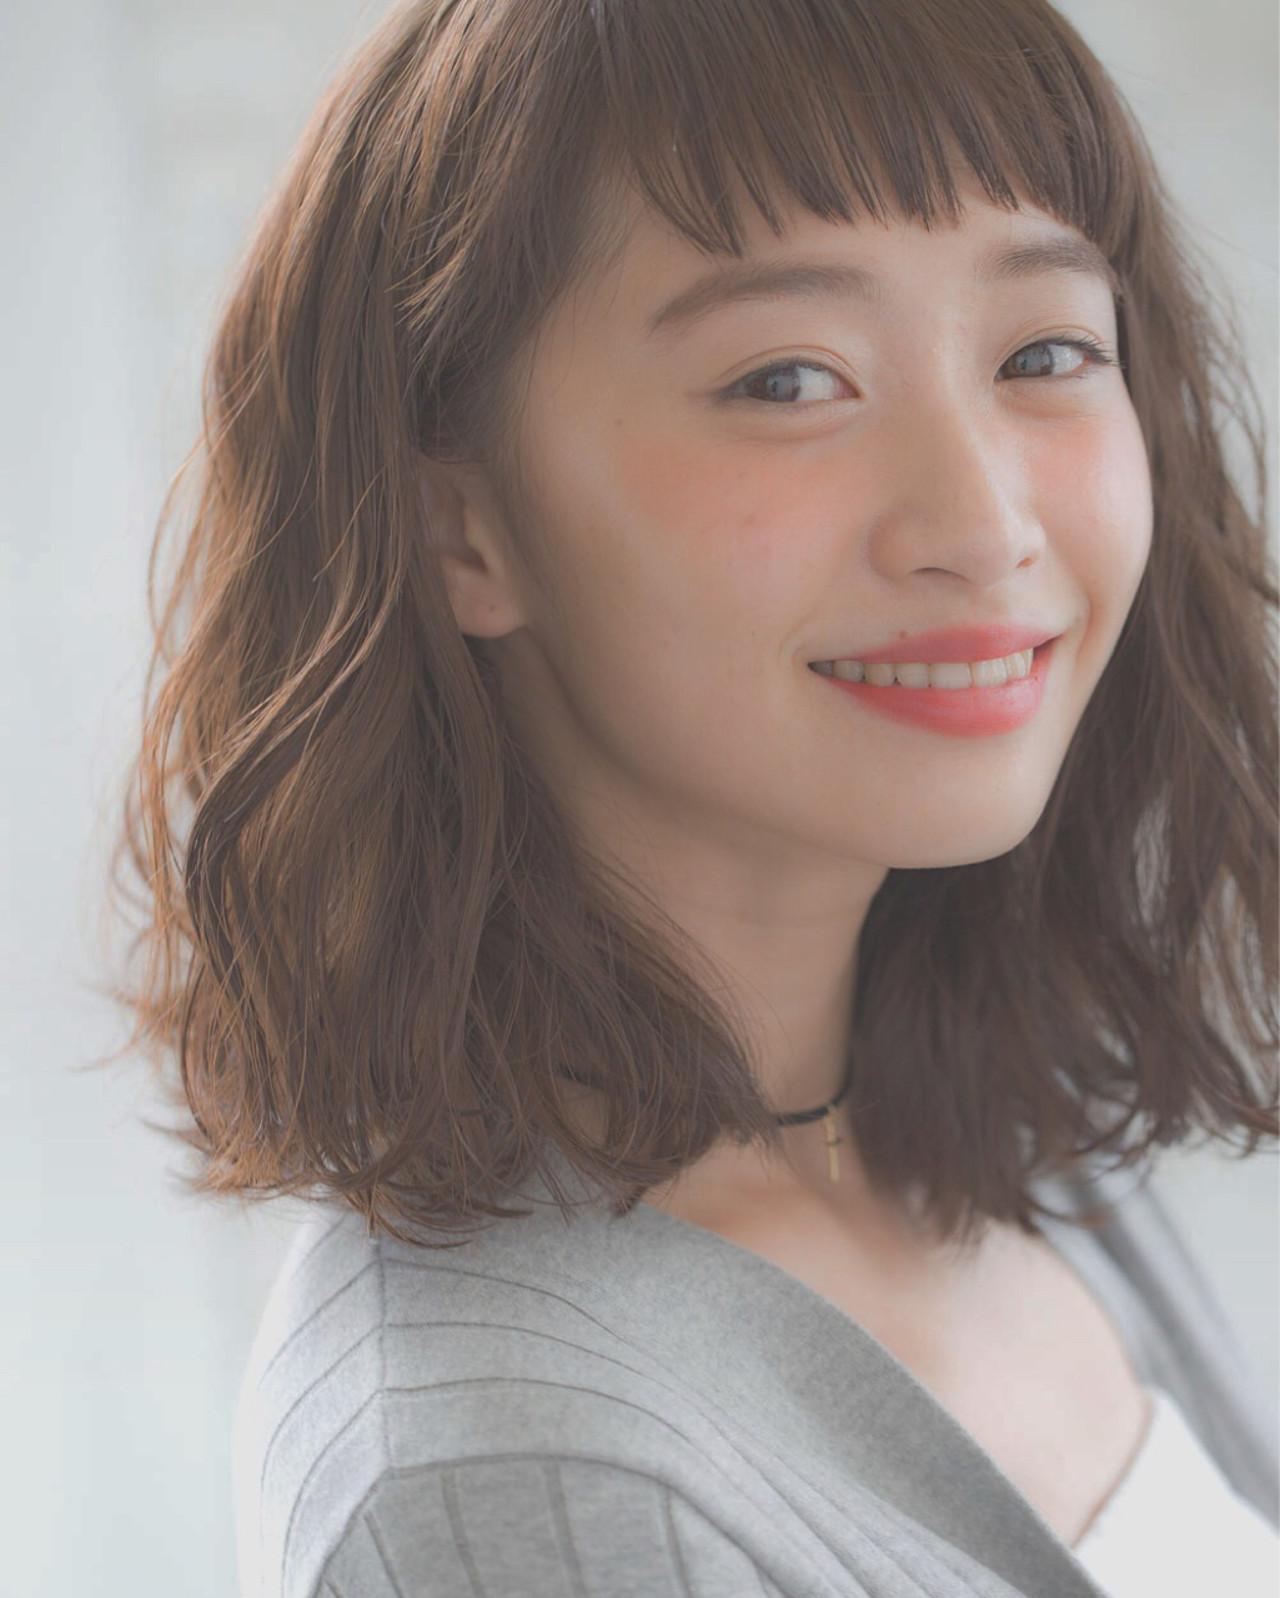 暗髪 ゆるふわ ミディアム 小顔 ヘアスタイルや髪型の写真・画像 | joemi by unami 森千里 / joemi by unami 新宿